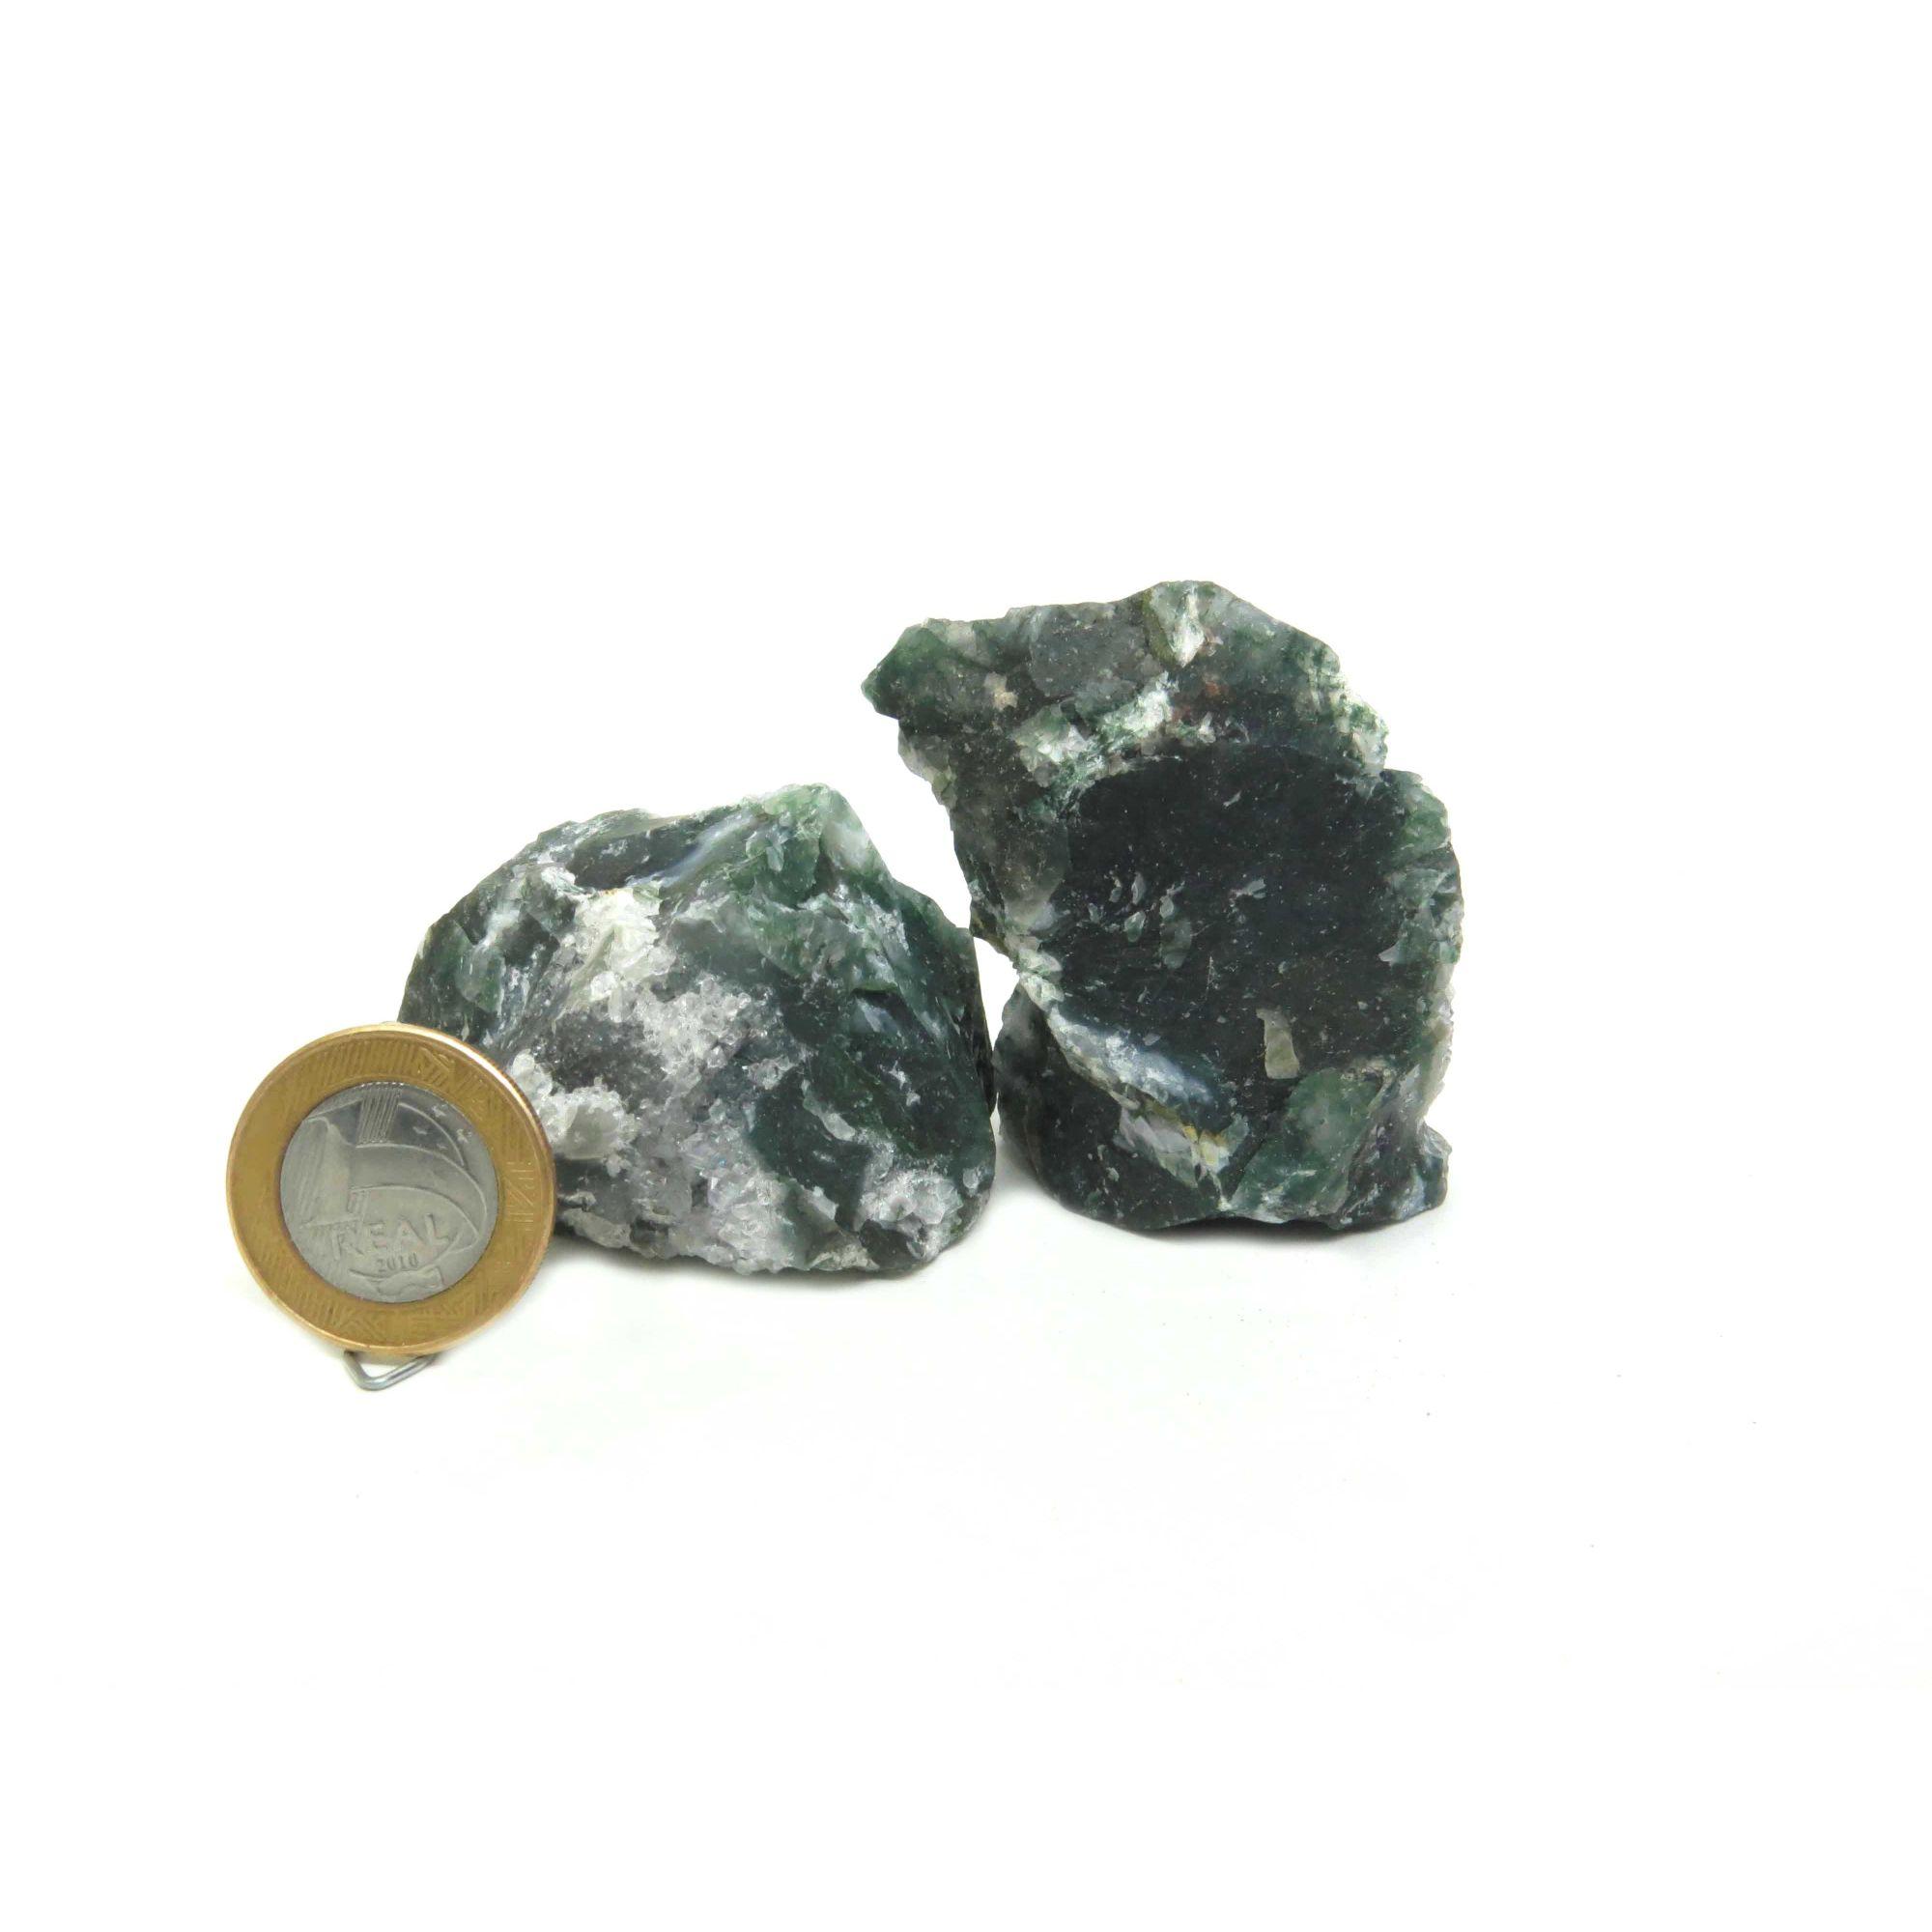 Ágata 2 - Bruto - 3 a 4 cm